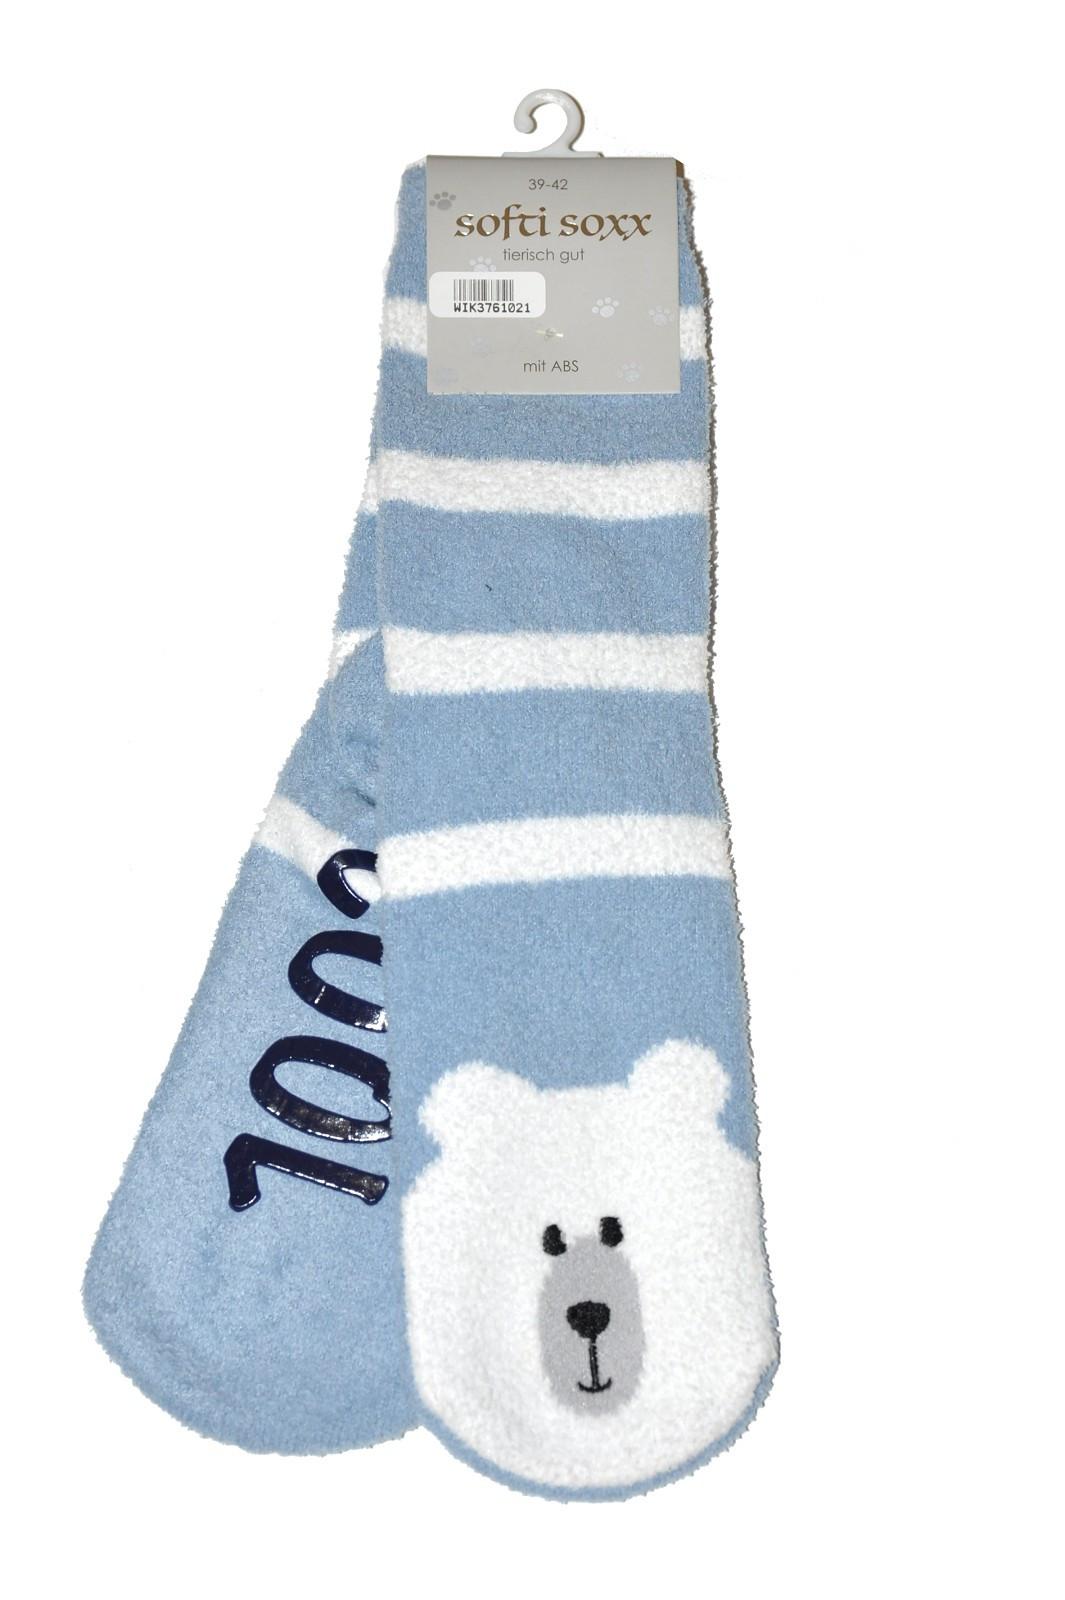 Levně Unisex ponožky WiK 37610 Softi Soxx A'2 ABS černá 39-42